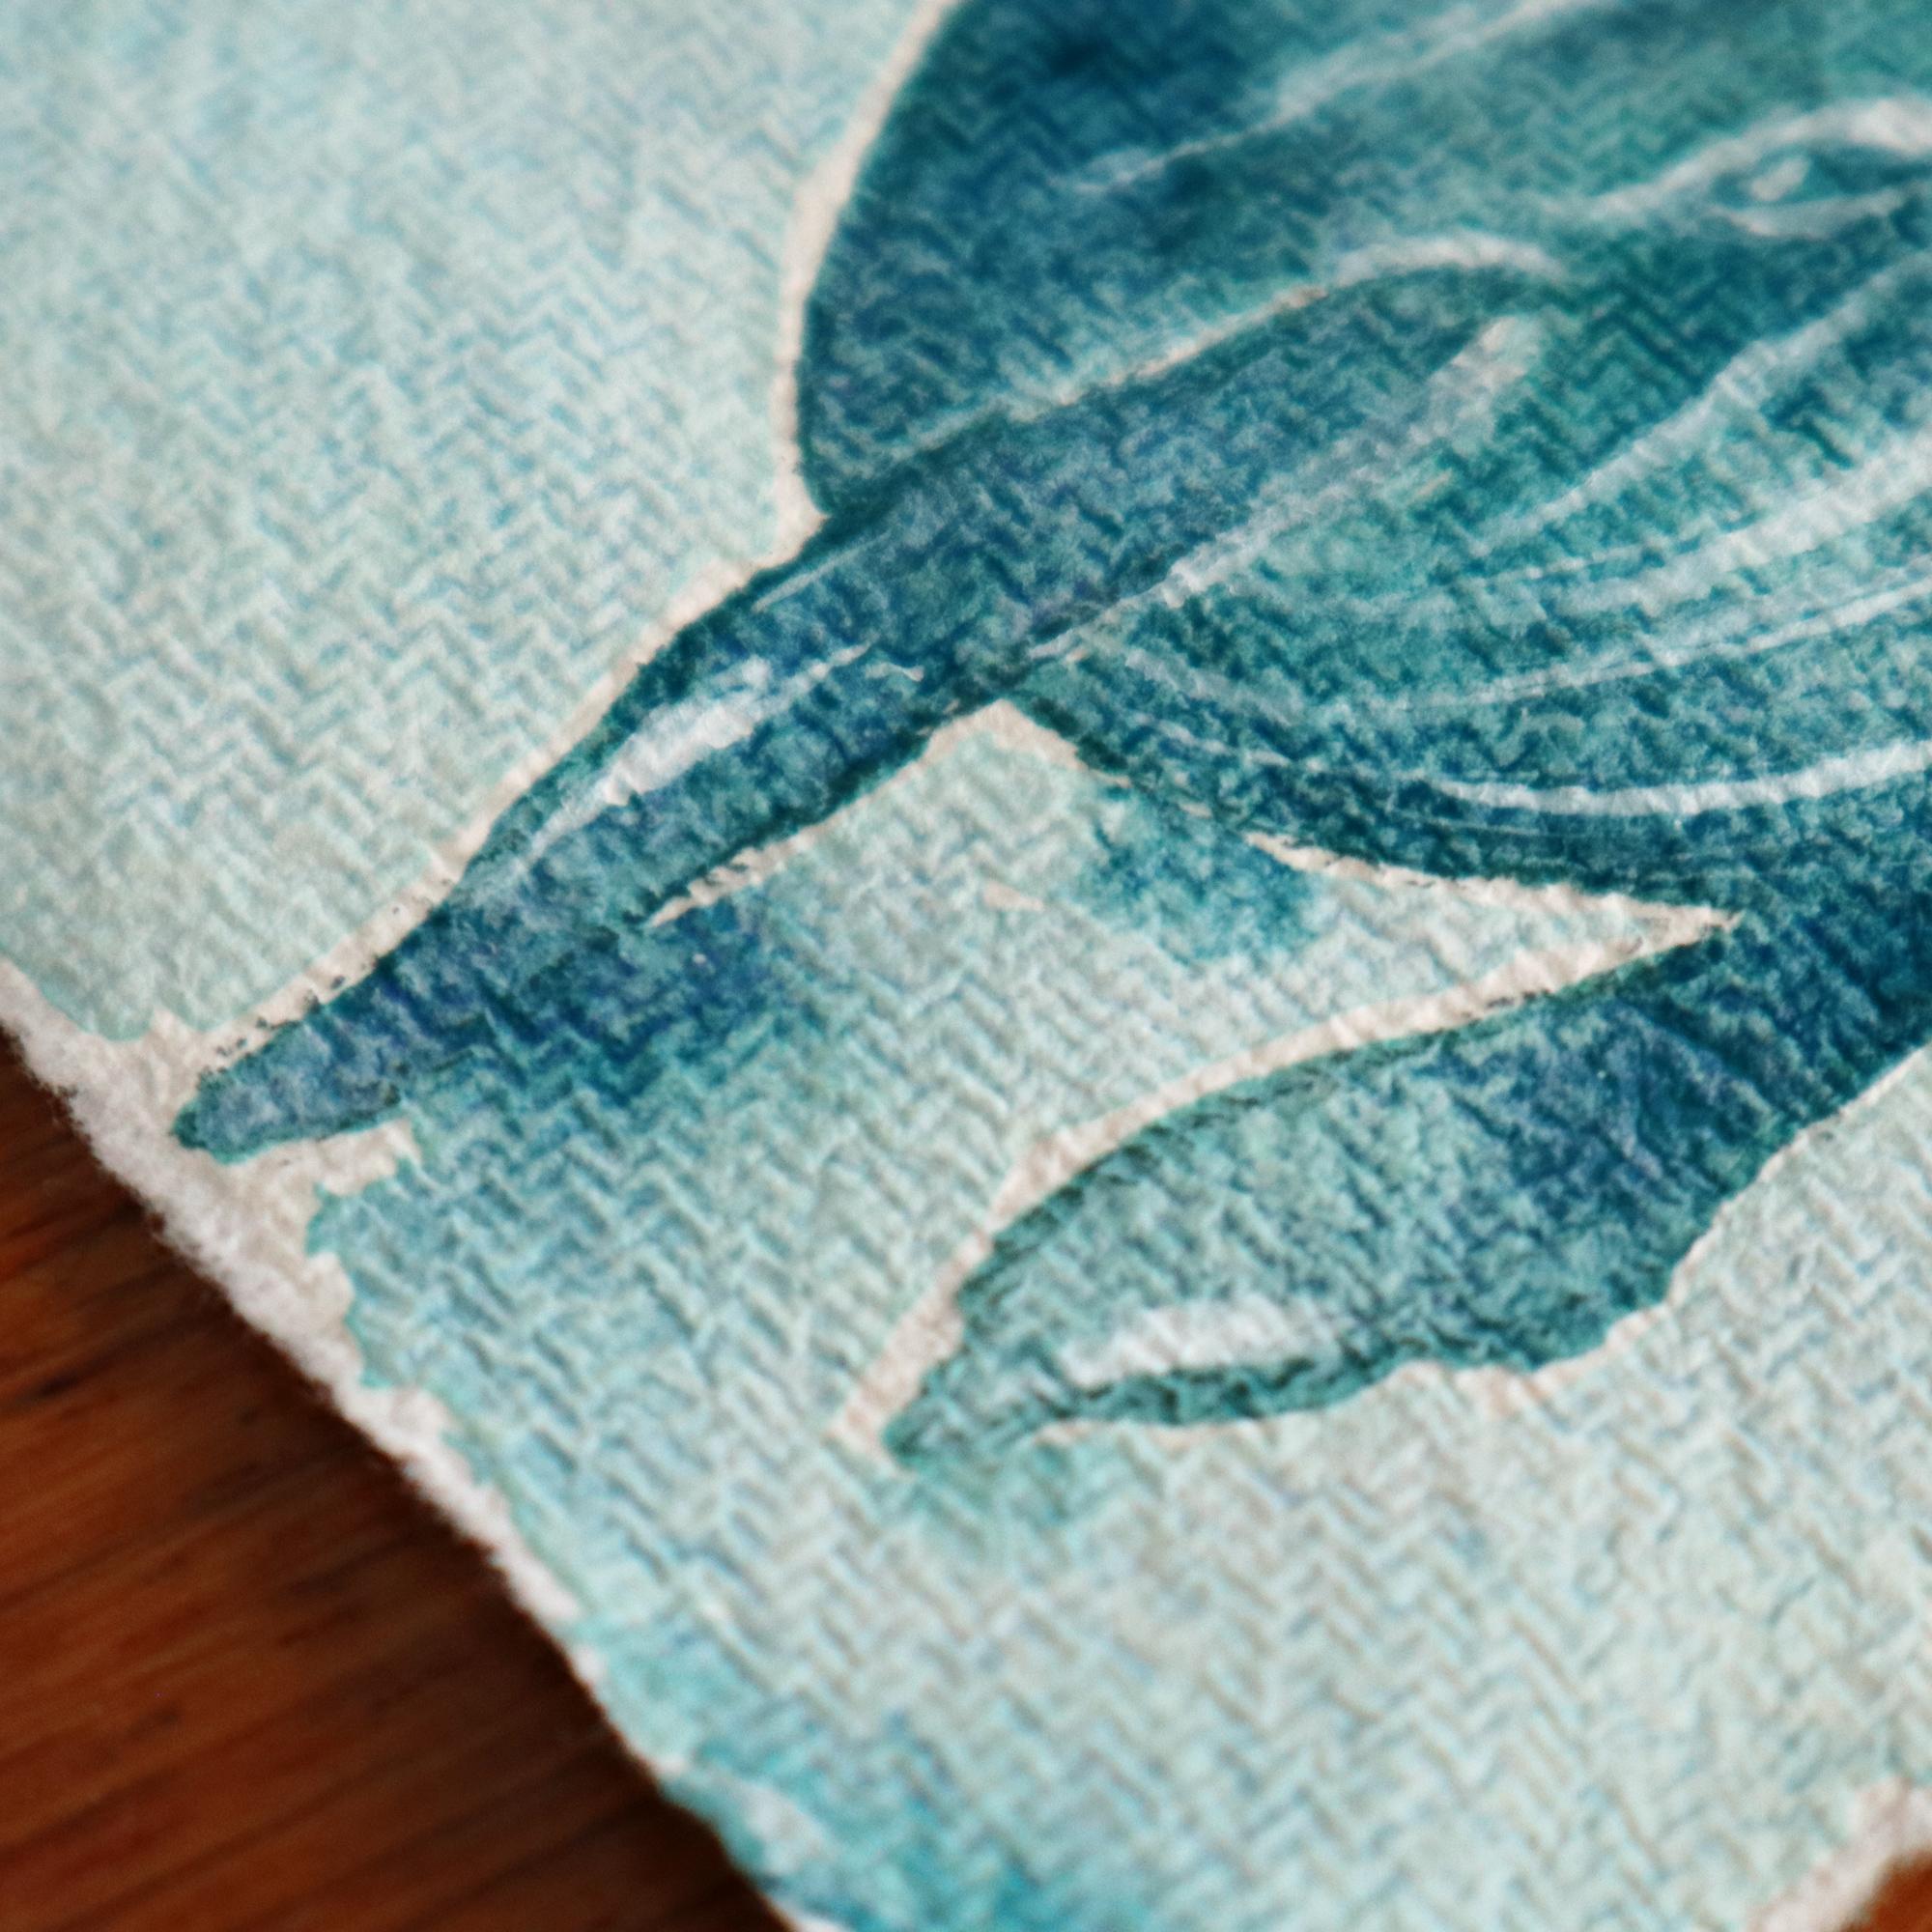 Die raue Oberflächenstruktur des Handgeschöften Echt Bütten Papiers hat es selbst den supergranulierenden Aquarellfarben nicht ganz leicht gemacht.